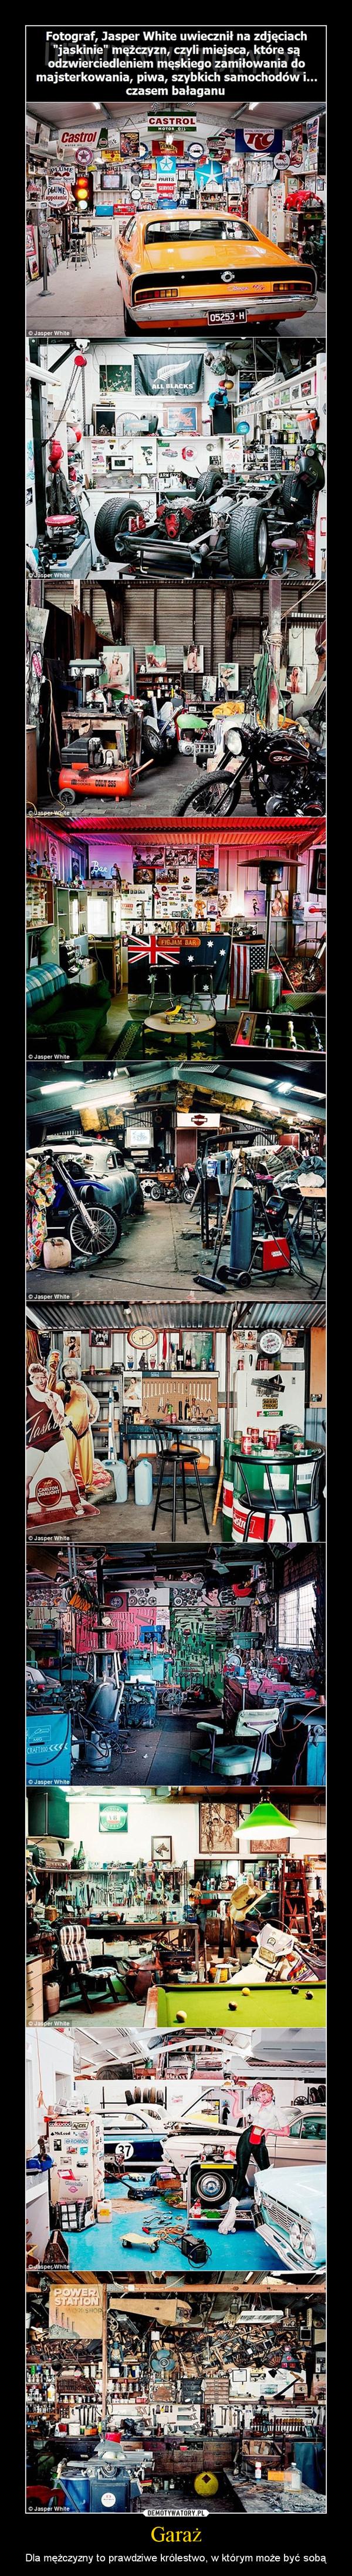 Garaż – Dla mężczyzny to prawdziwe królestwo, w którym może być sobą